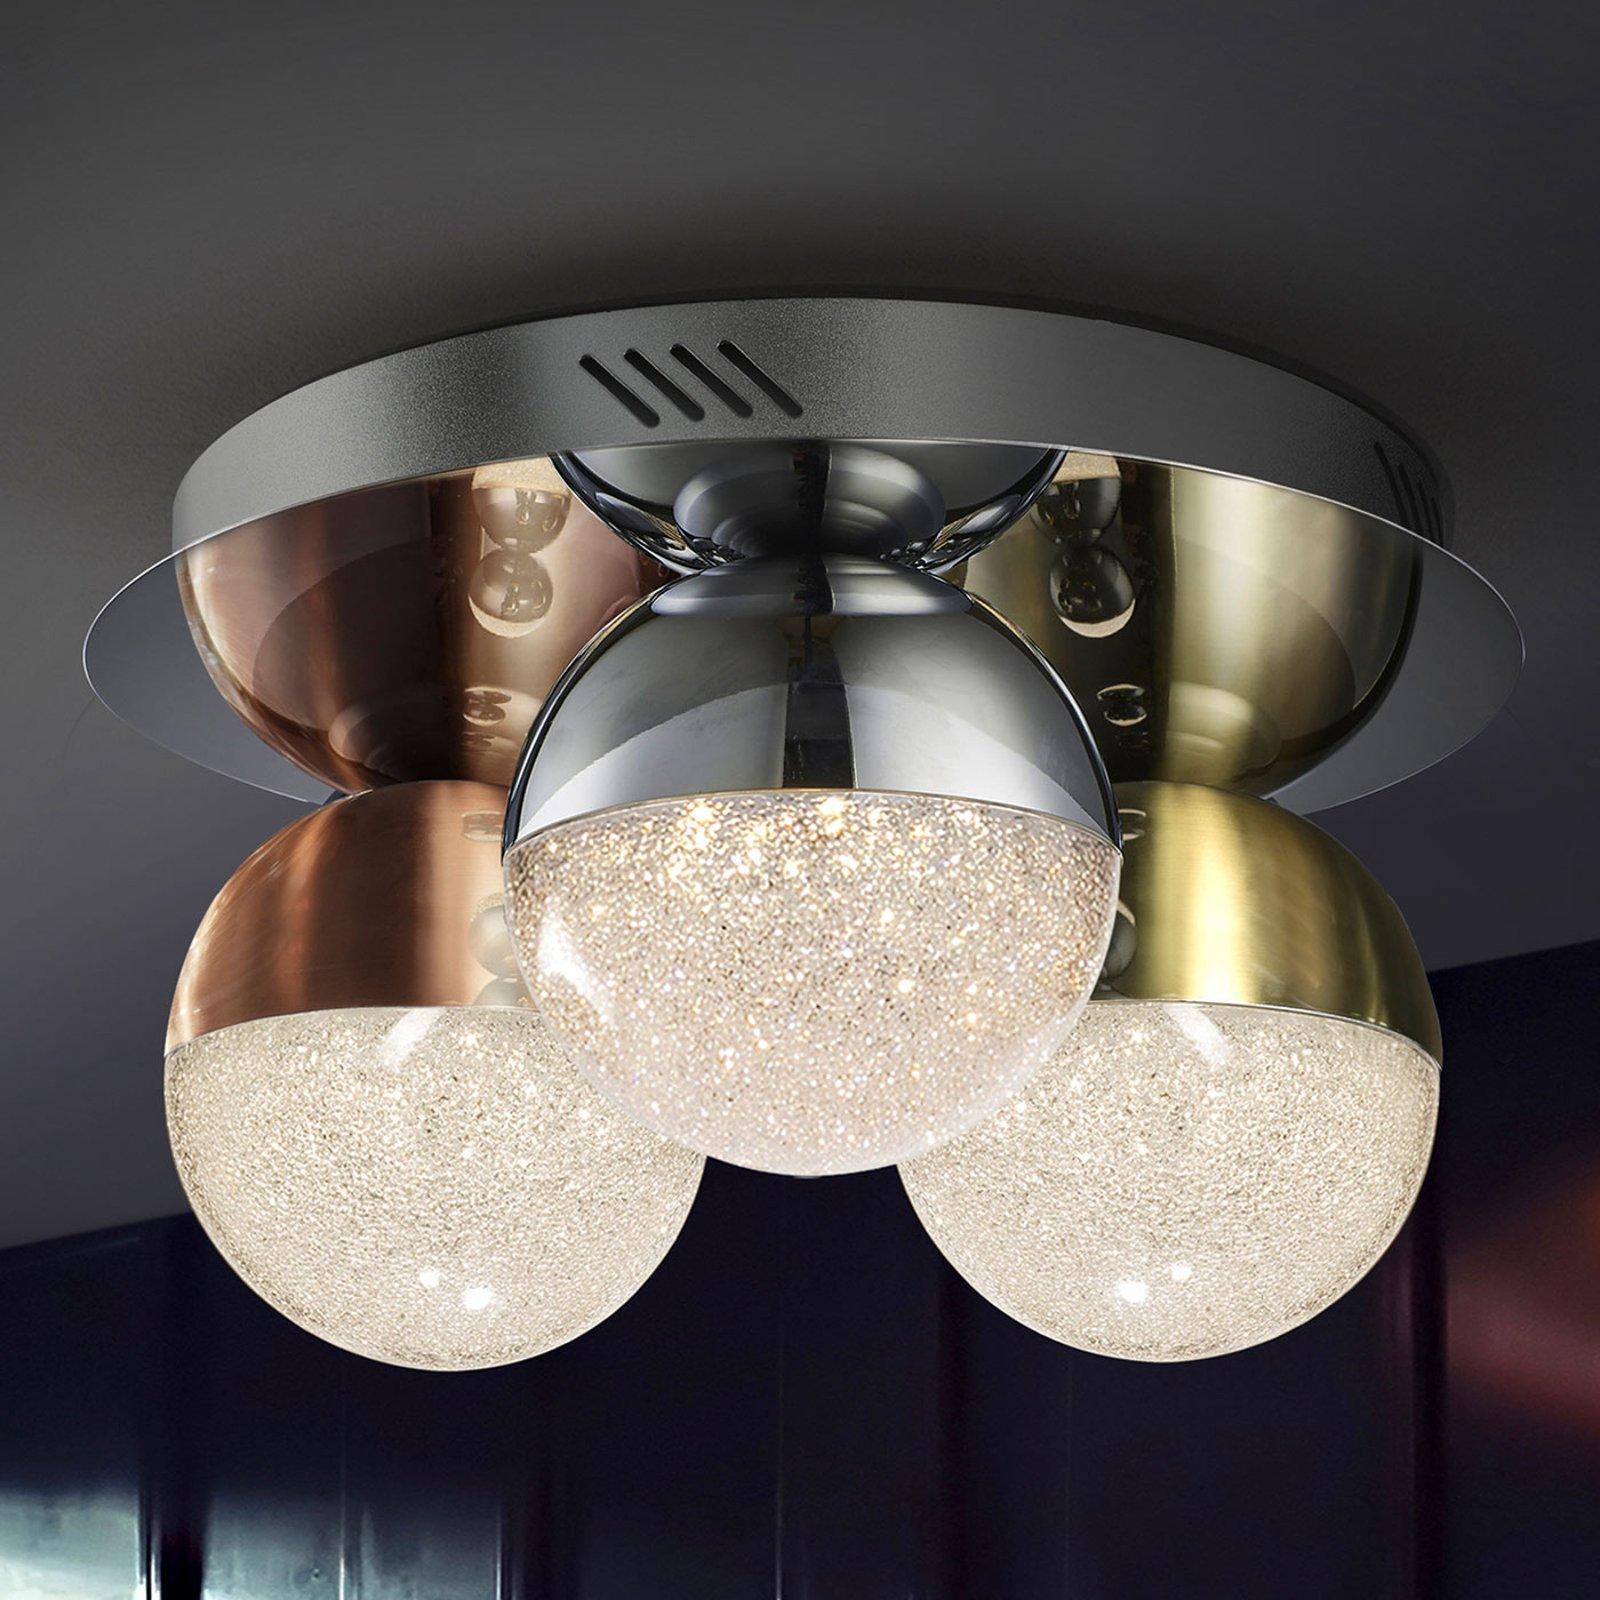 LED-taklampe Sphere, flerfarget, 3 lyskilder